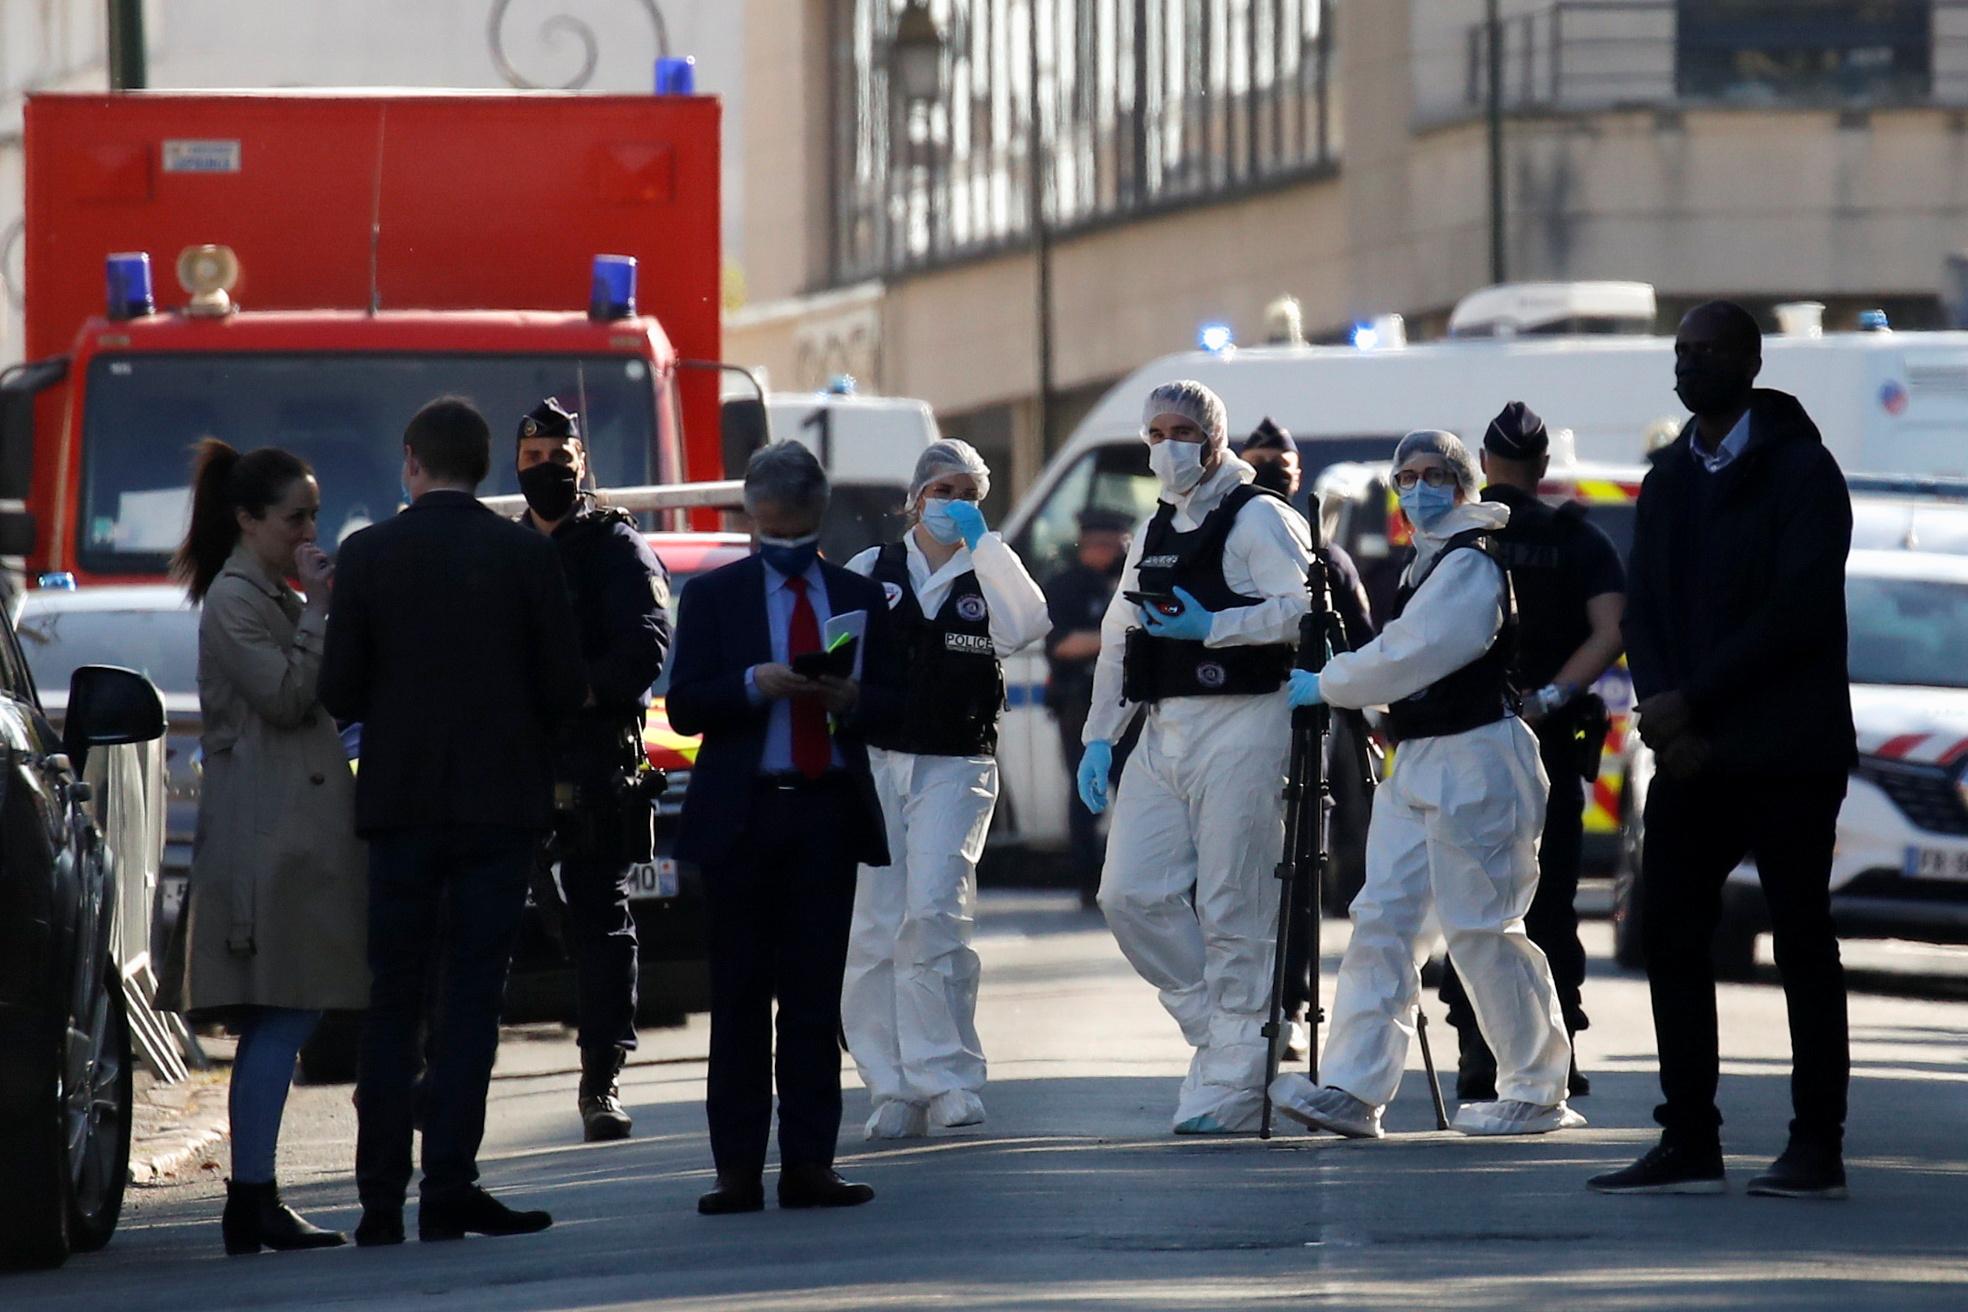 Γαλλία: «Αλάχ Ακμπάρ» φώναζε ο Τυνήσιος που σκότωσε με μαχαίρι την υπάλληλο της Αστυνομίας